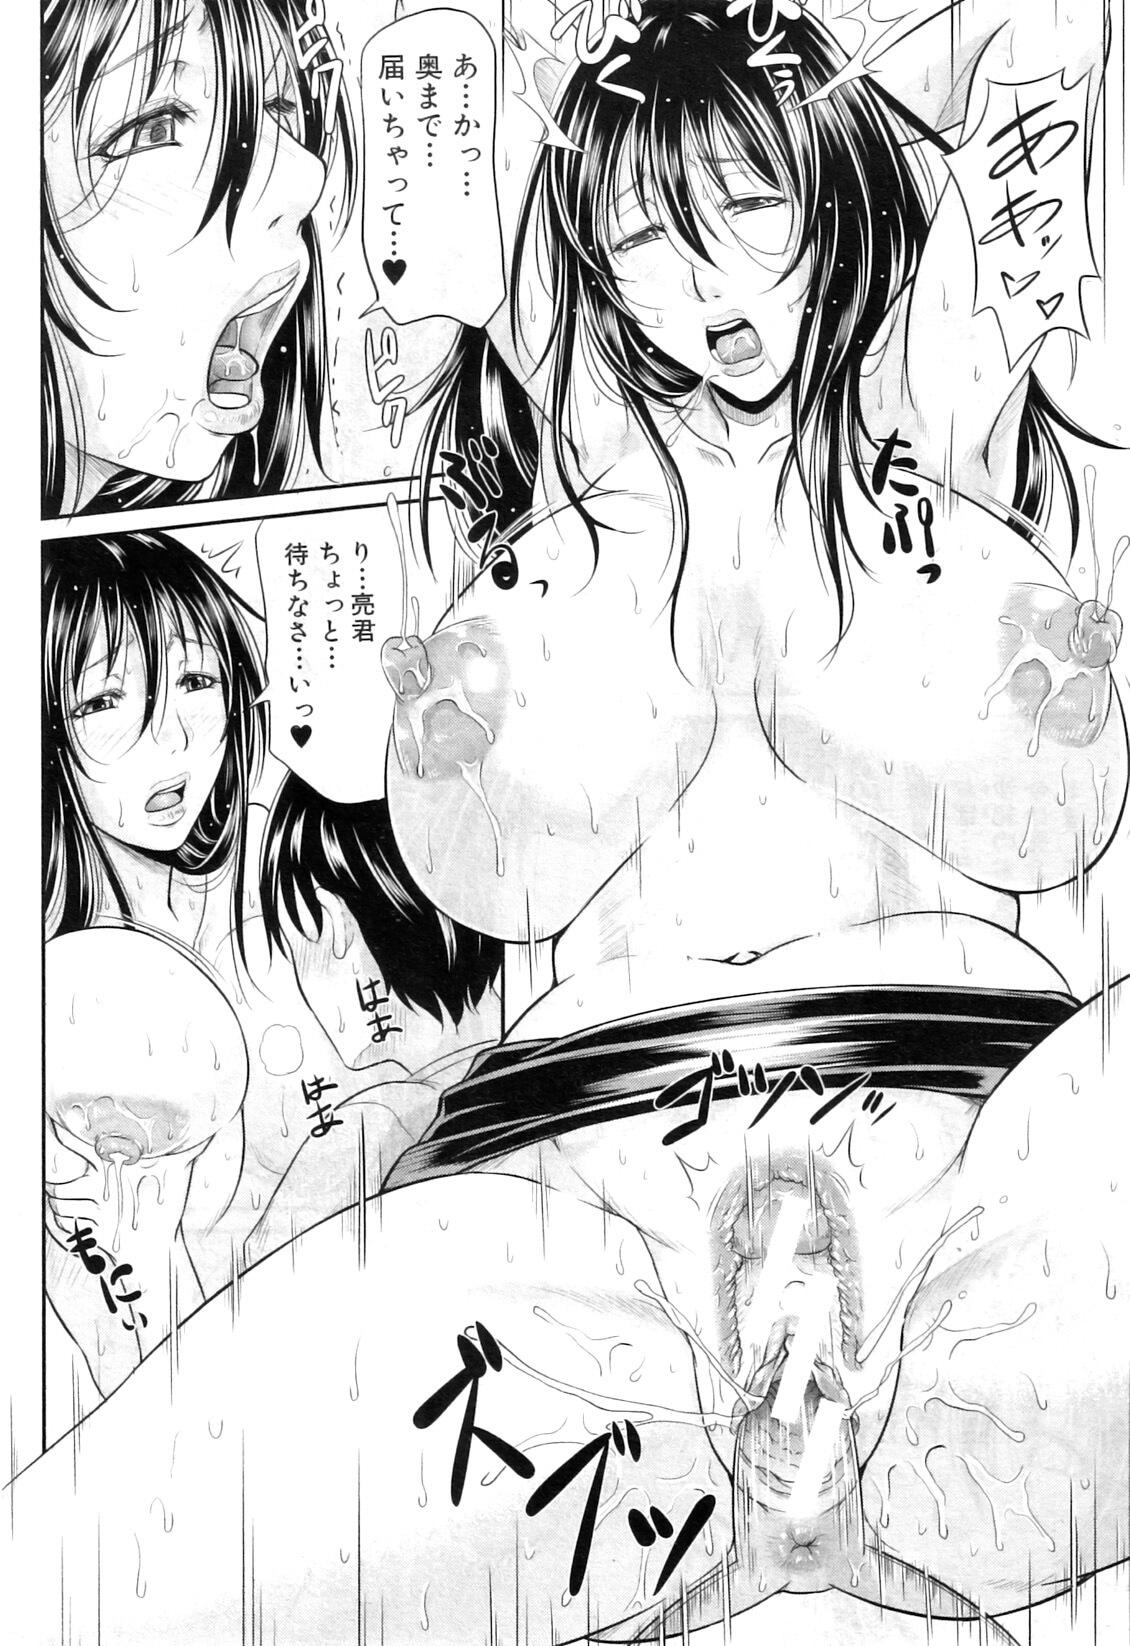 【エロ漫画】想いを寄せる叔母さんが赤ちゃんに授乳して母乳を垂らして誘ってきて…【無料 エロ同人】 (16)